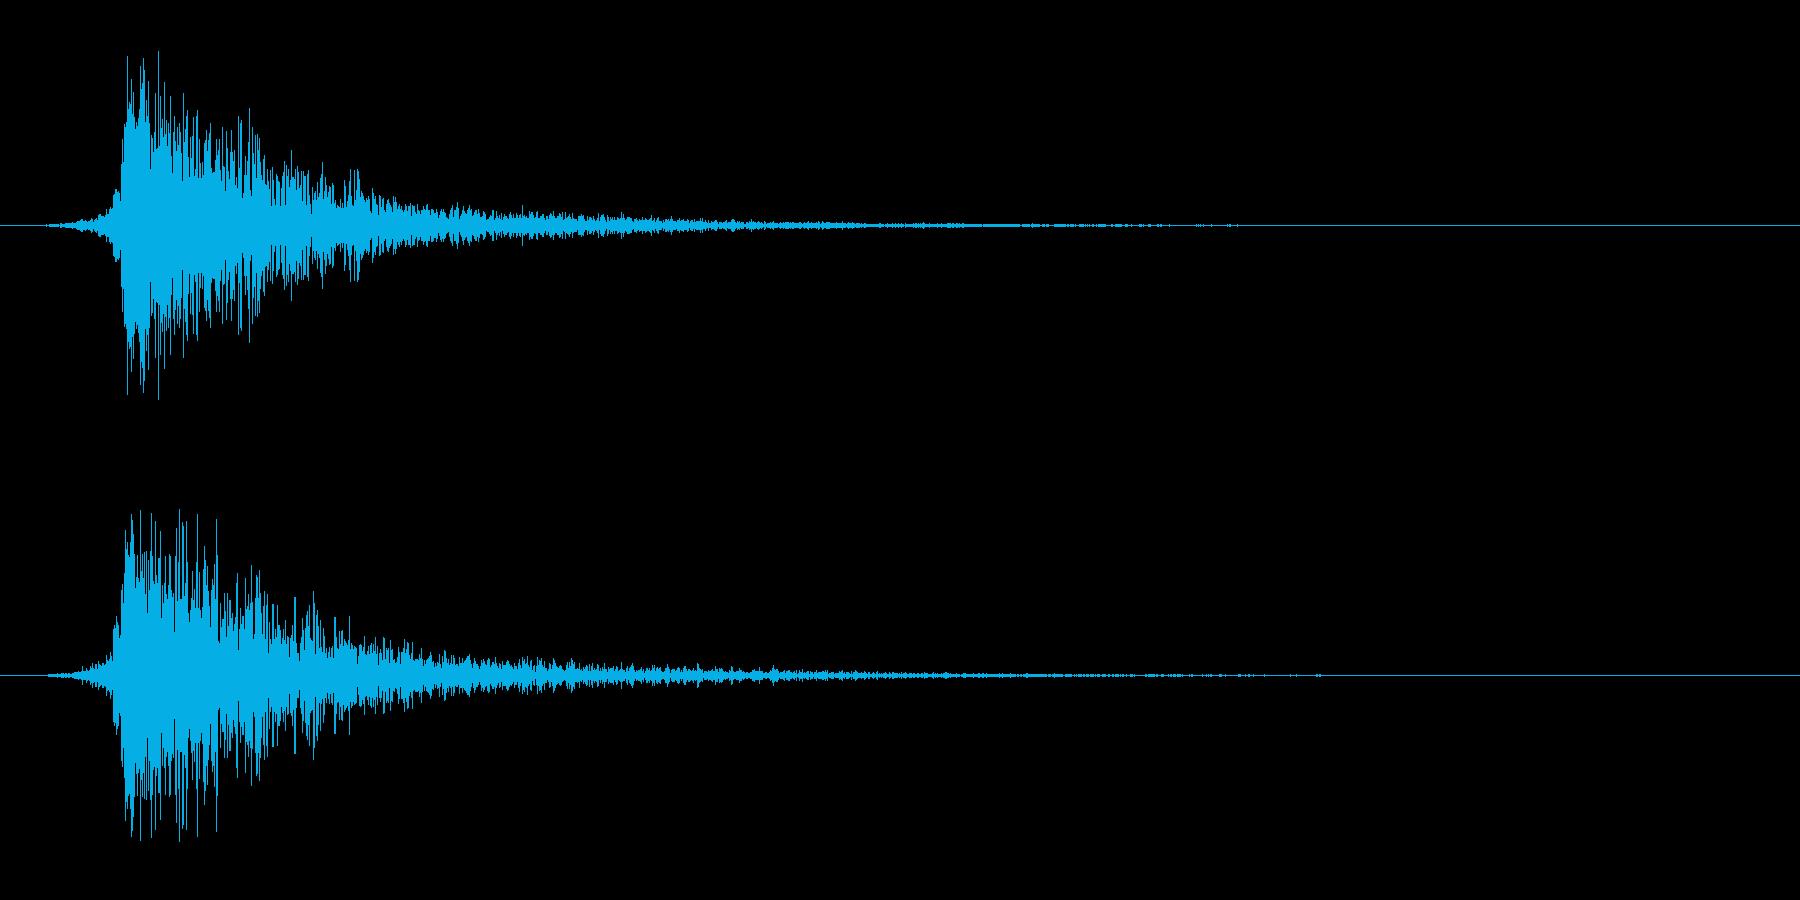 シュードーン-8(インパクト音)の再生済みの波形